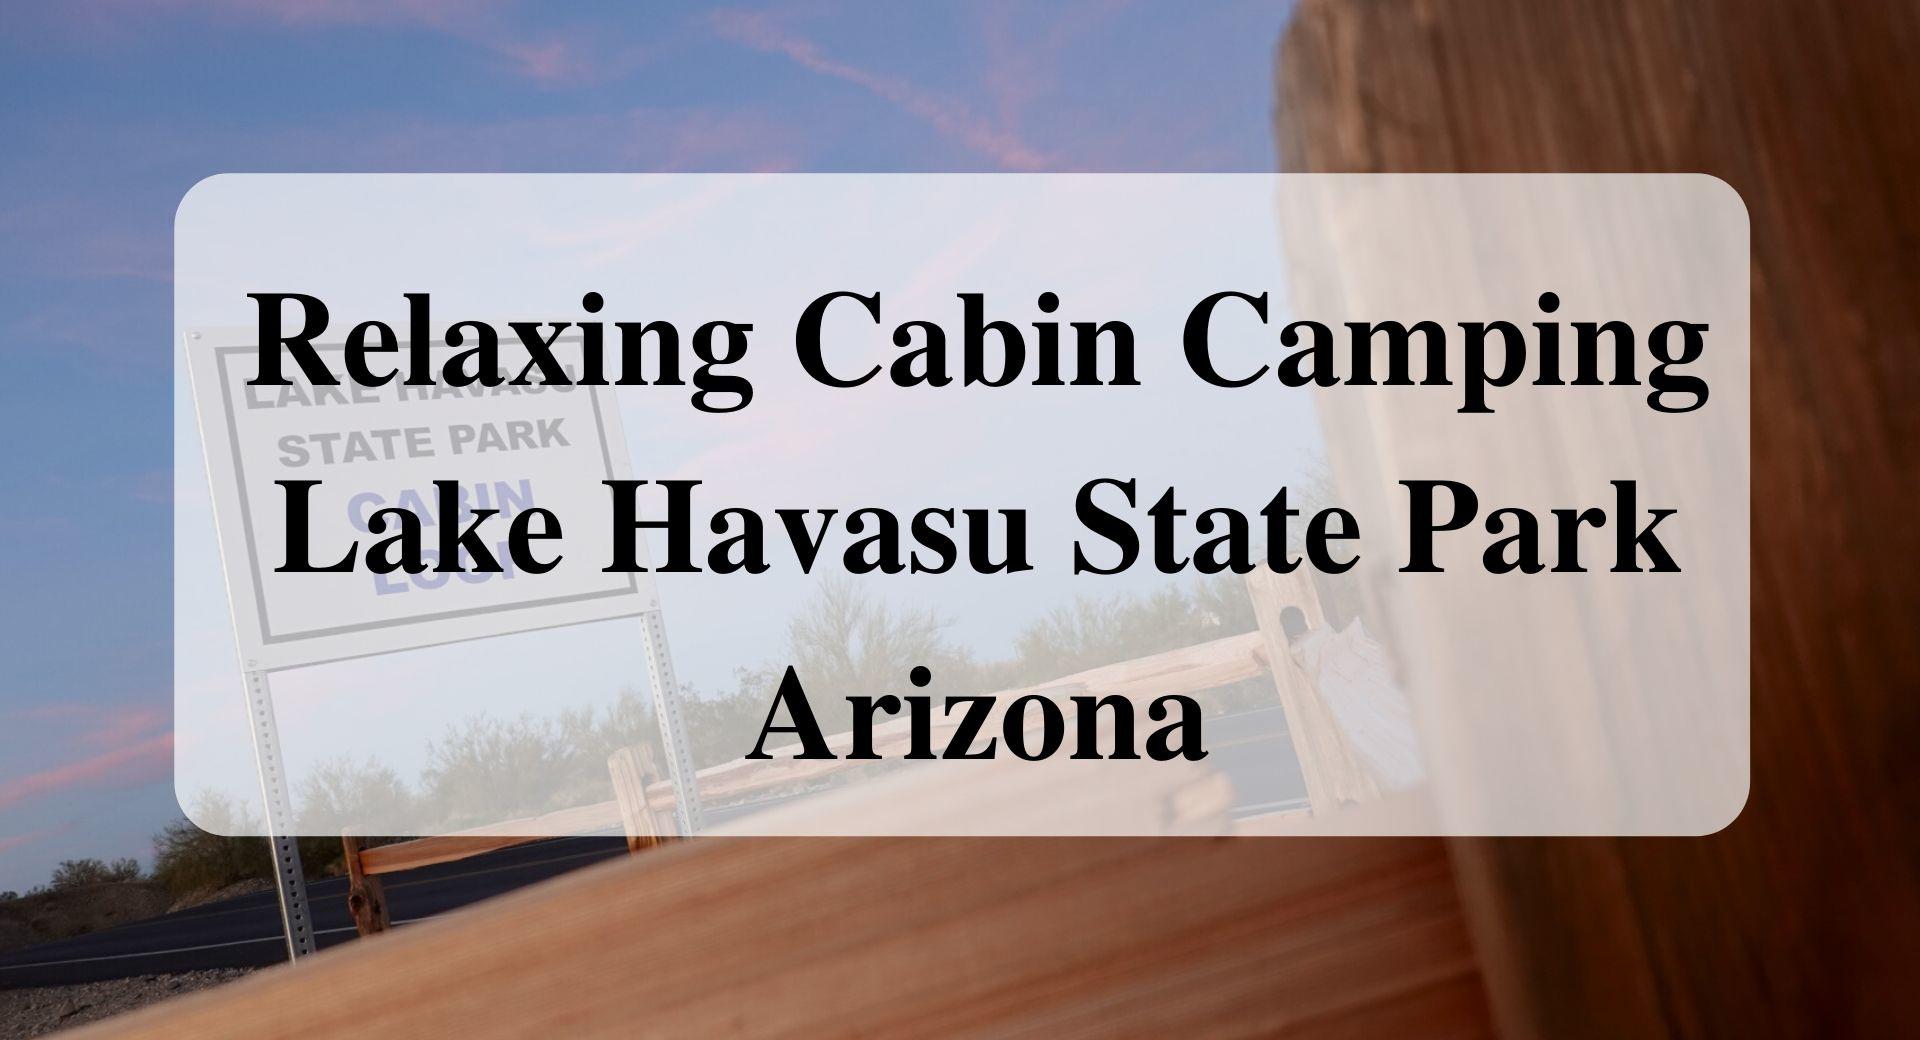 Relaxing Cabin Camping Lake Havasu State Park Arizona forever sabbatical